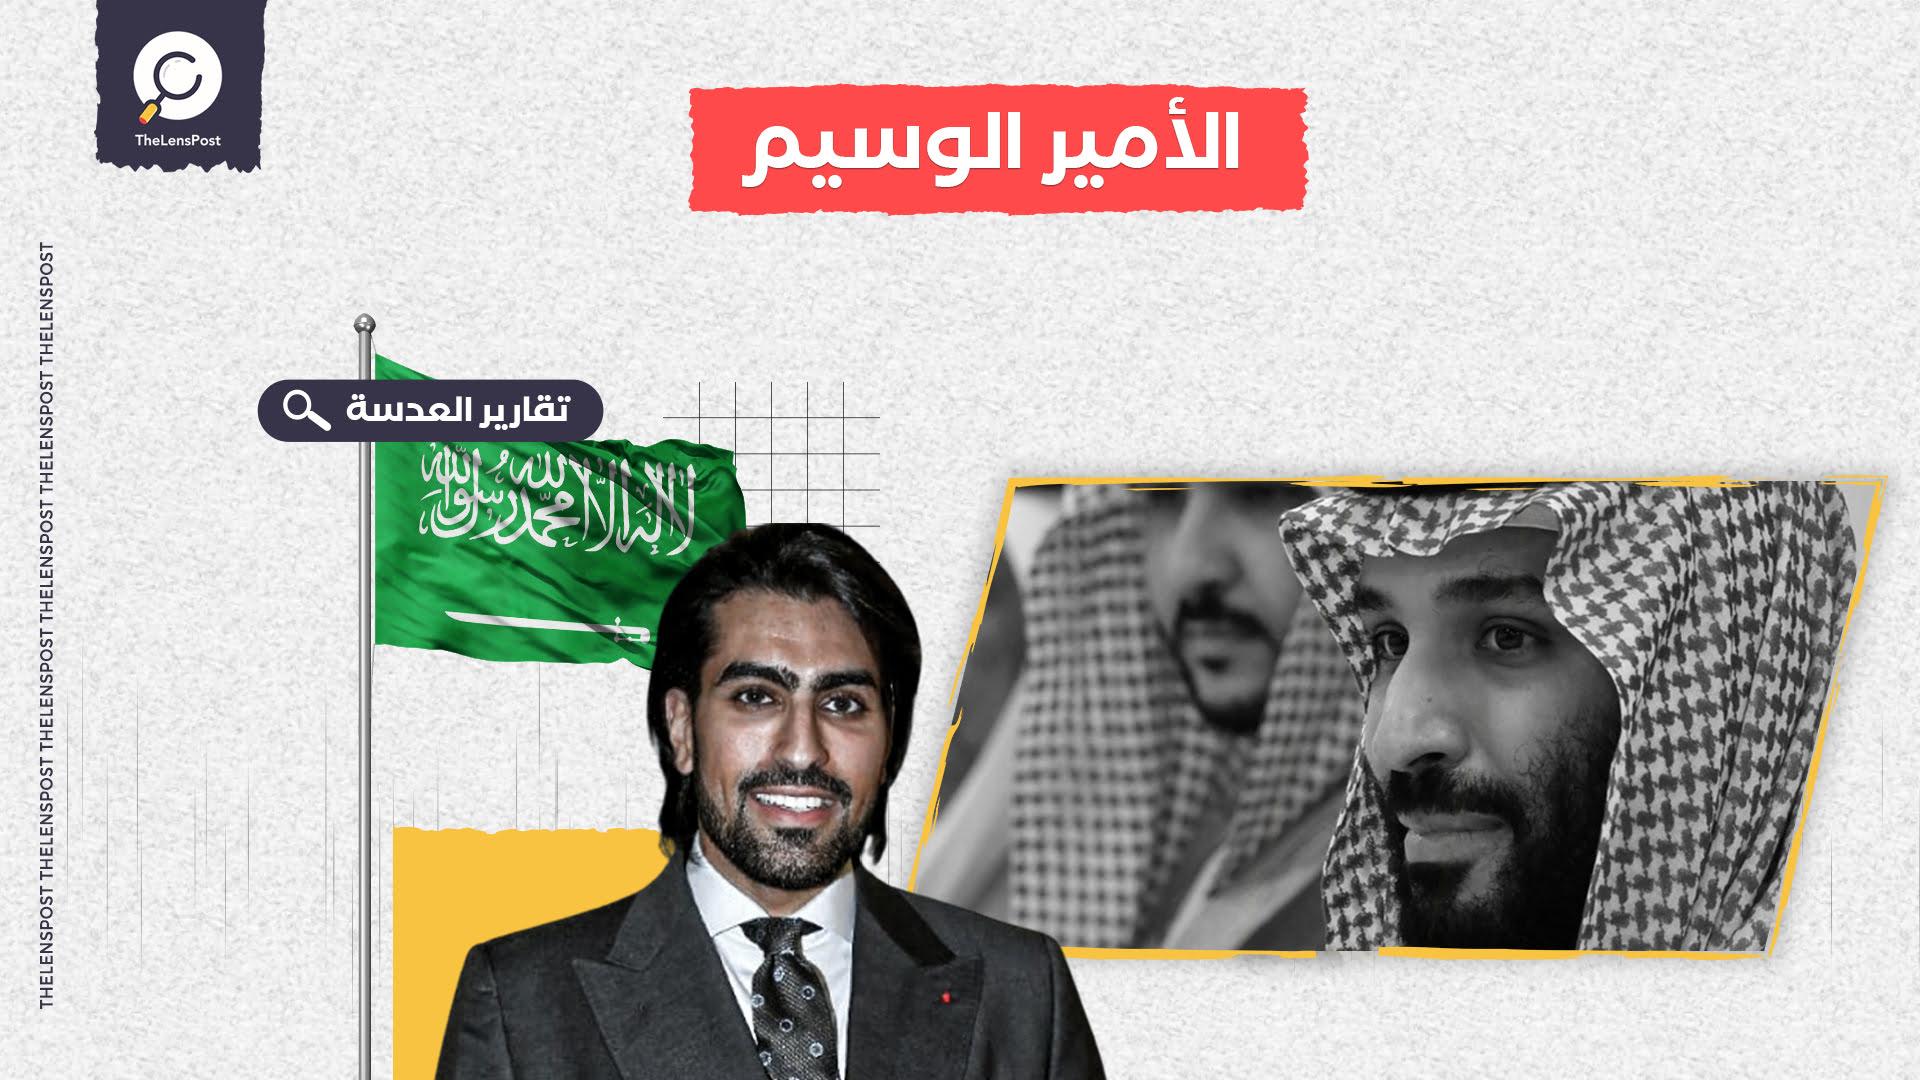 غزالان.. أمير سعودي شاب دفع حريته ثمنا لغيرة بن سلمان منه